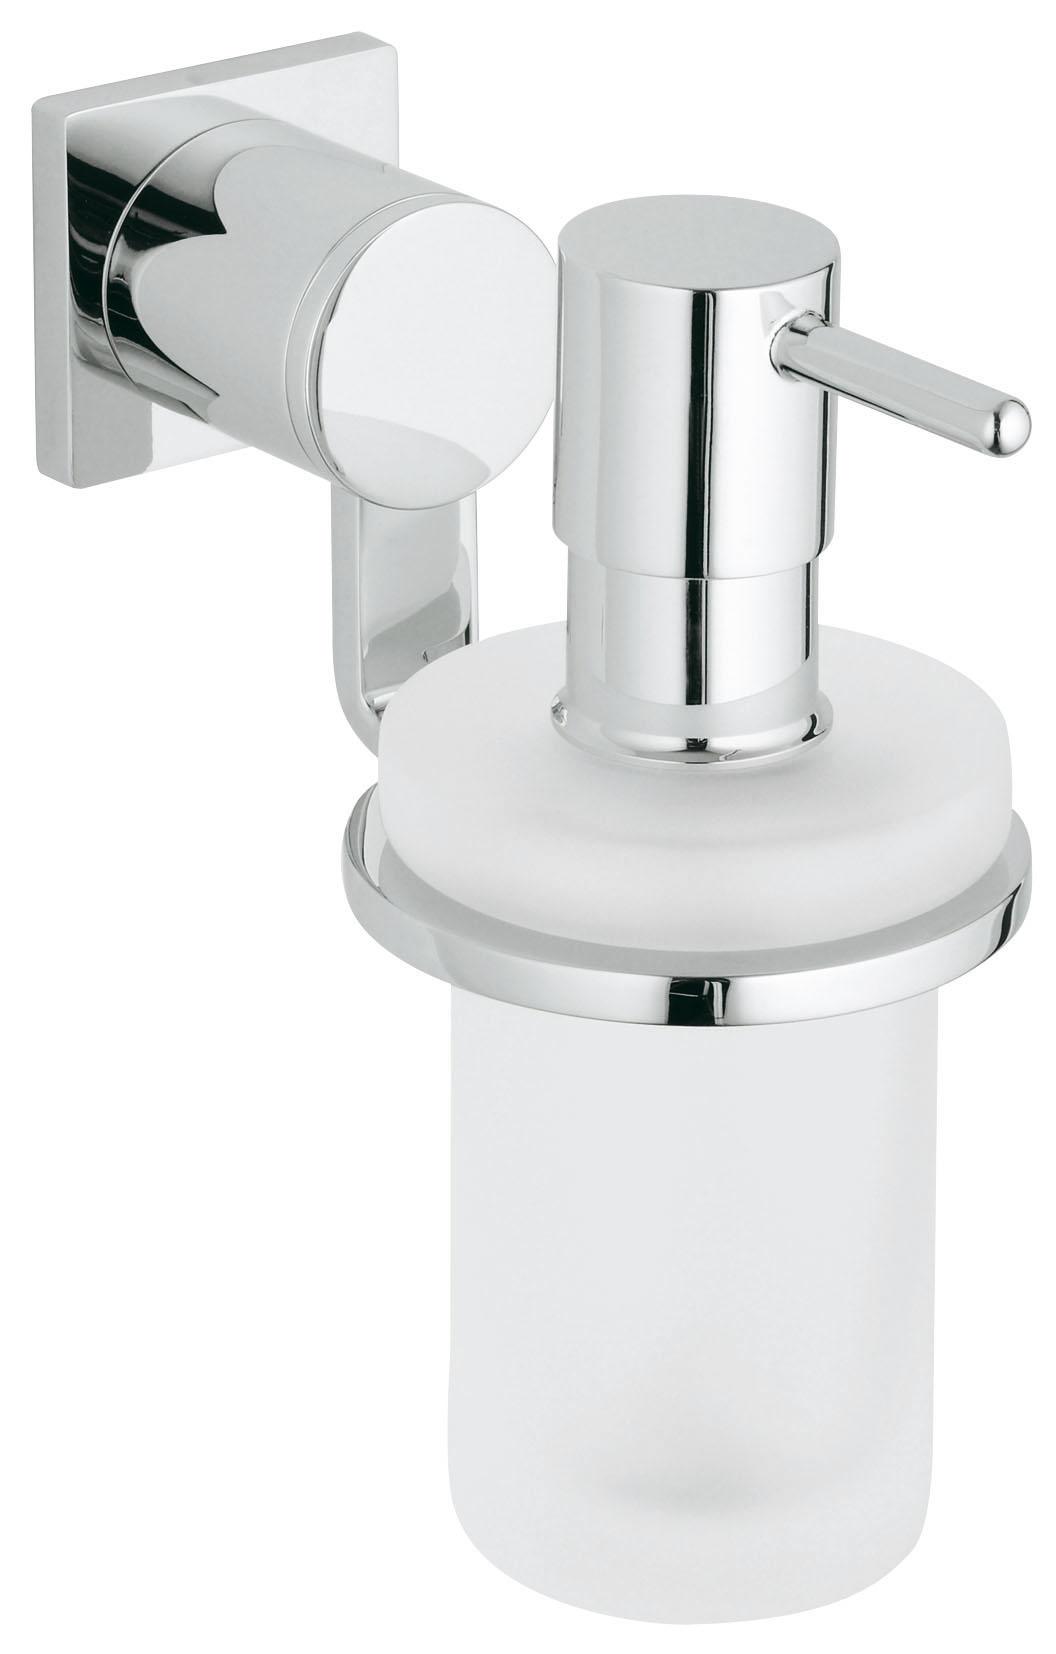 Диспенсер для жидкого мыла Grohe Allure 40363000 недорго, оригинальная цена